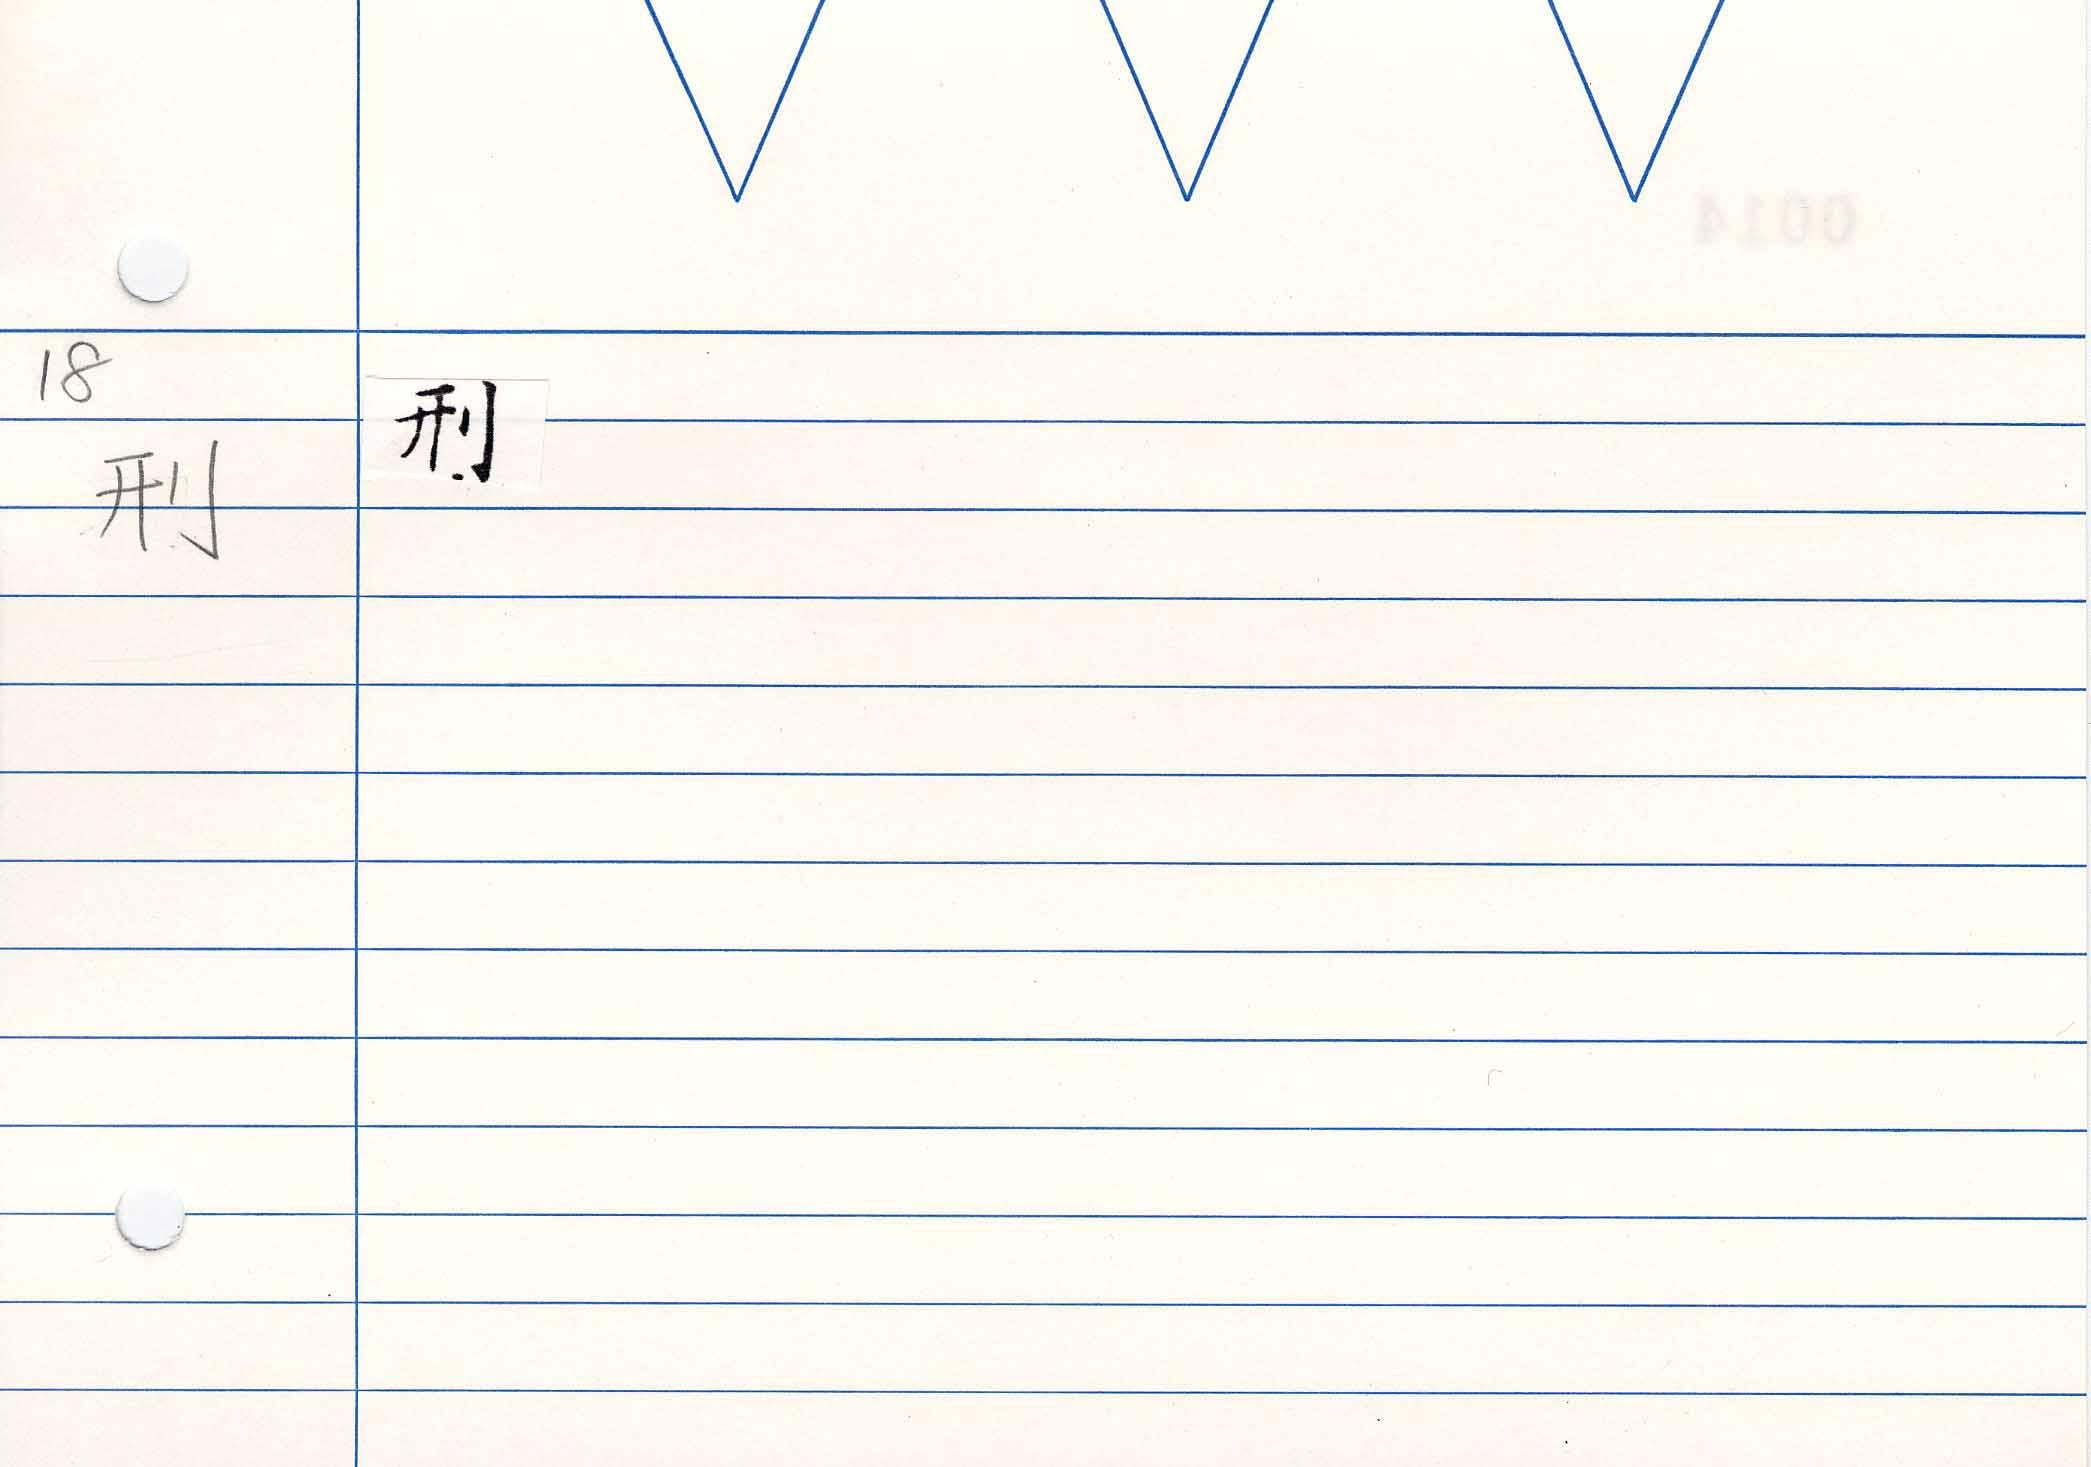 13_妙法蓮華經卷八(S.2577)/cards/0014.jpg